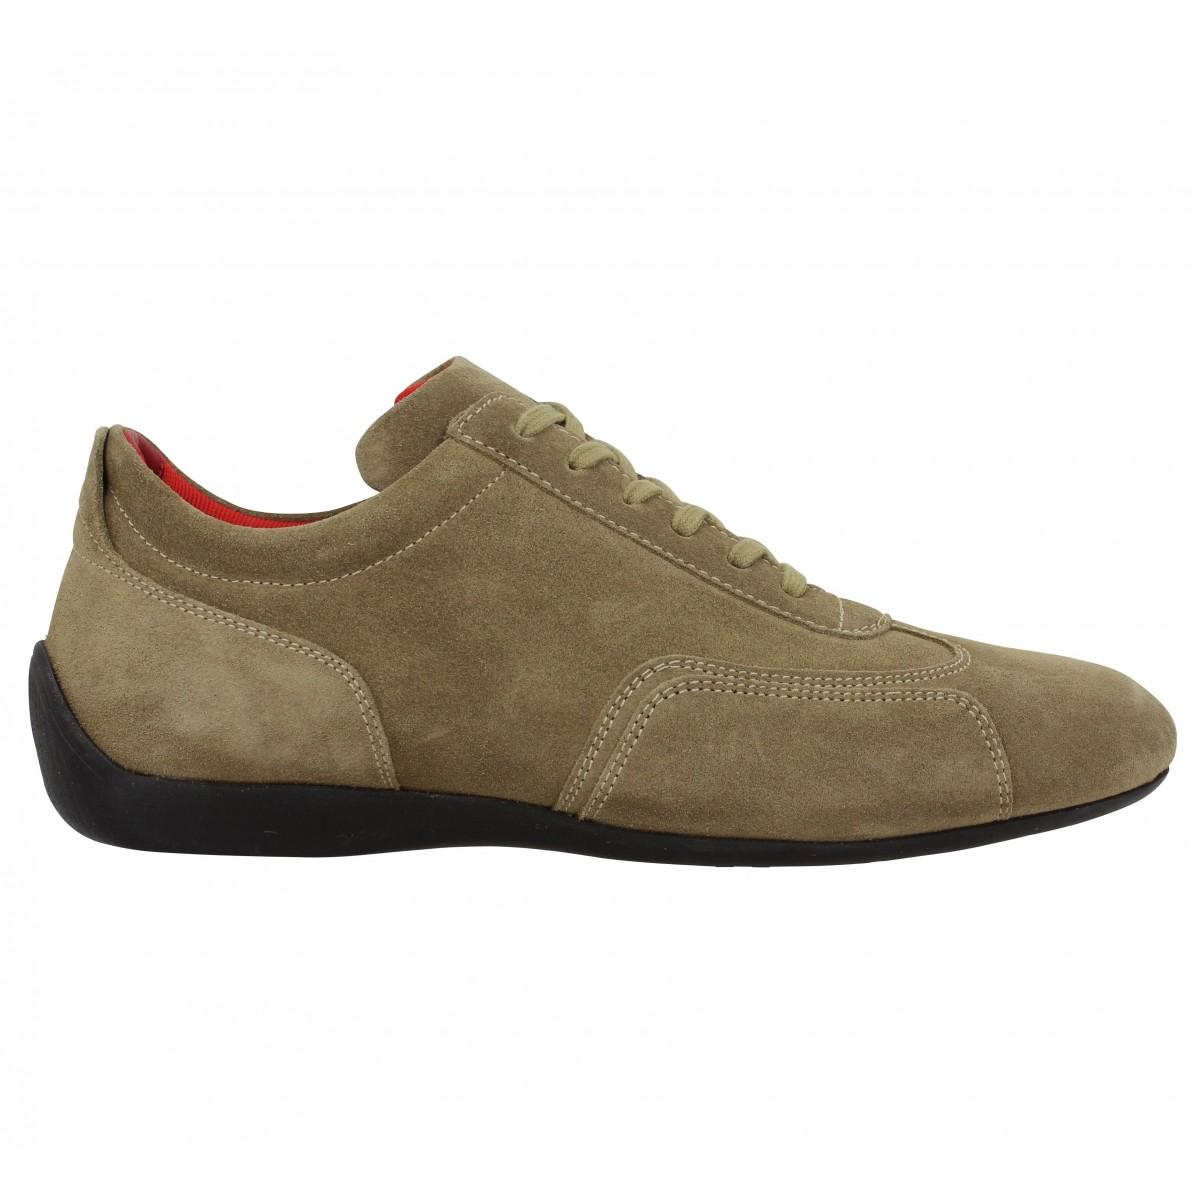 Fanny beige 1030 chaussures Sabelt homme wzSqCqZUxn